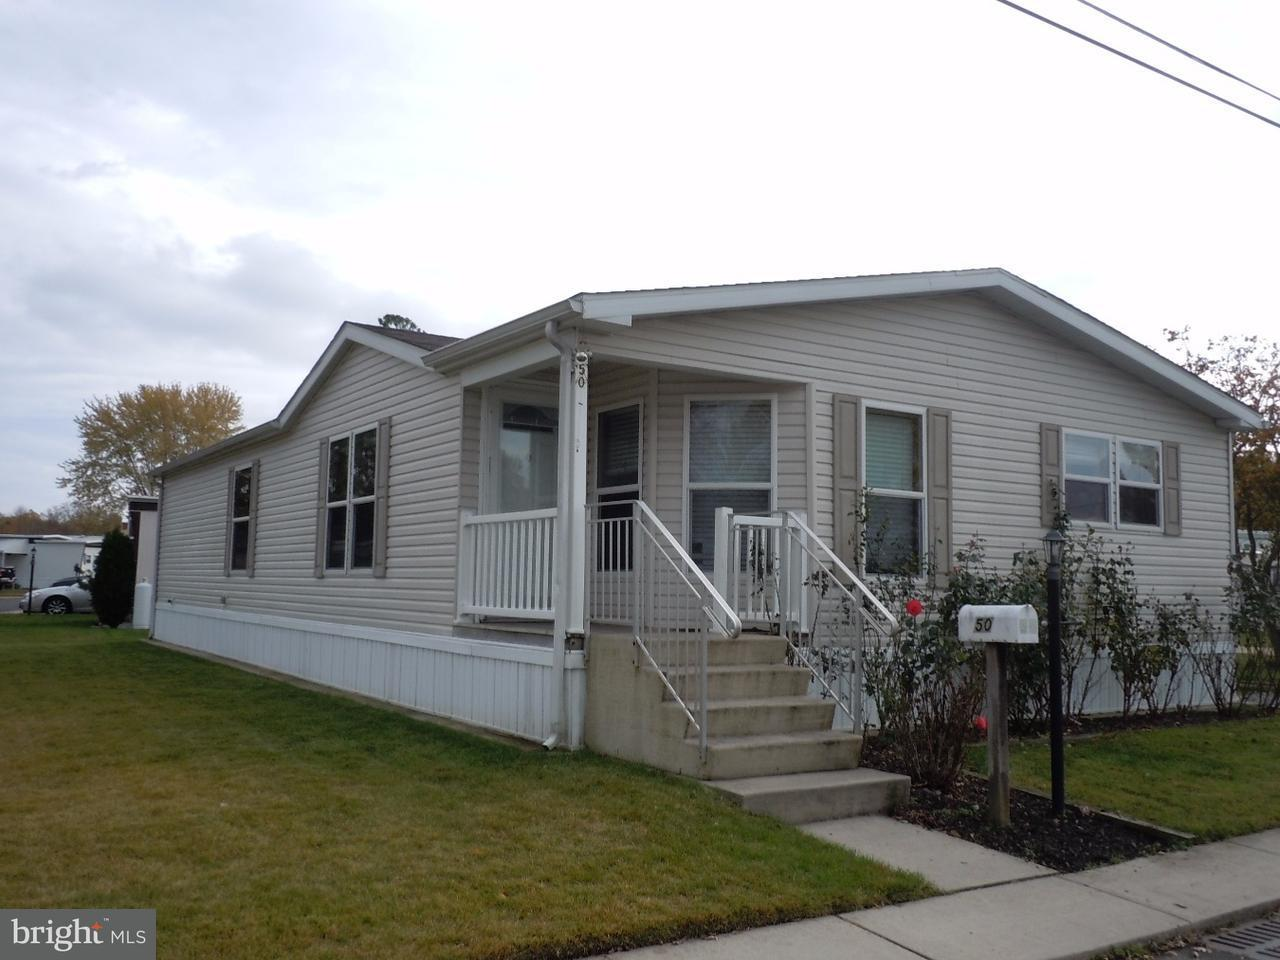 Maisons mobiles pour l Vente à 50 ESTATE Road Southampton, New Jersey 08088 États-Unis